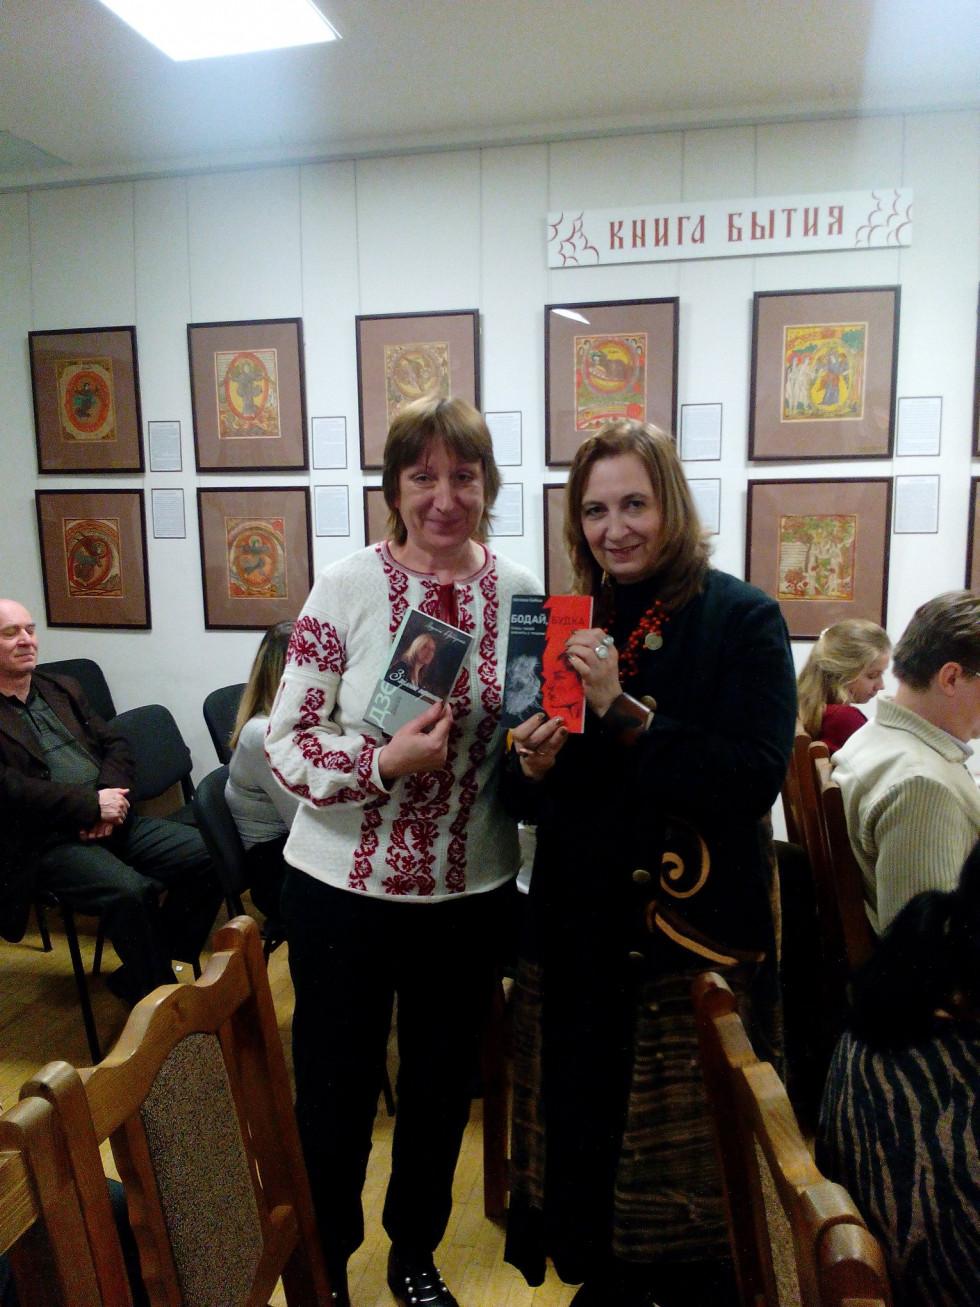 Наталка Бабіна з письменницею Людилою Рублевською в Державному музеї історії білоруської літератури